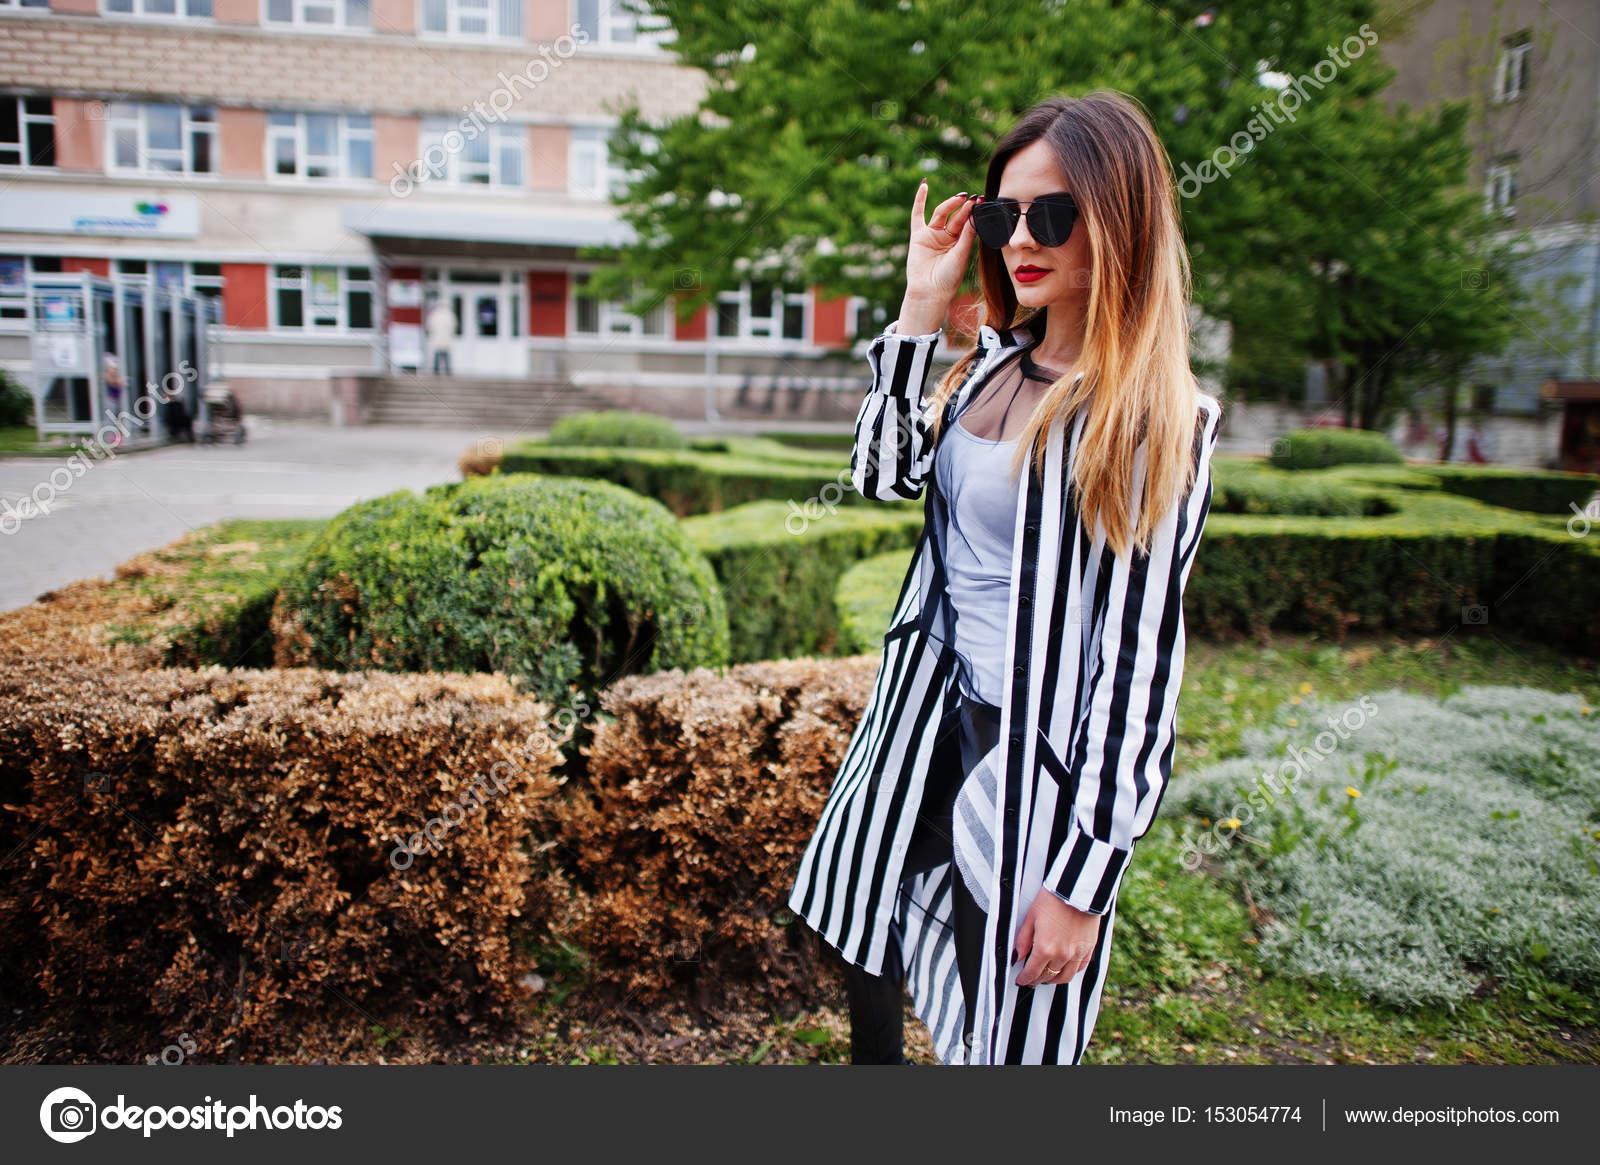 276cd4a7d9 Divatos nő meg fekete-fehér csíkos öltöny zakó, bőr nadrág és napszemüveg  jelentő bokrok utca ellen. Divat lány fogalmának — Fotó szerzőtől ...